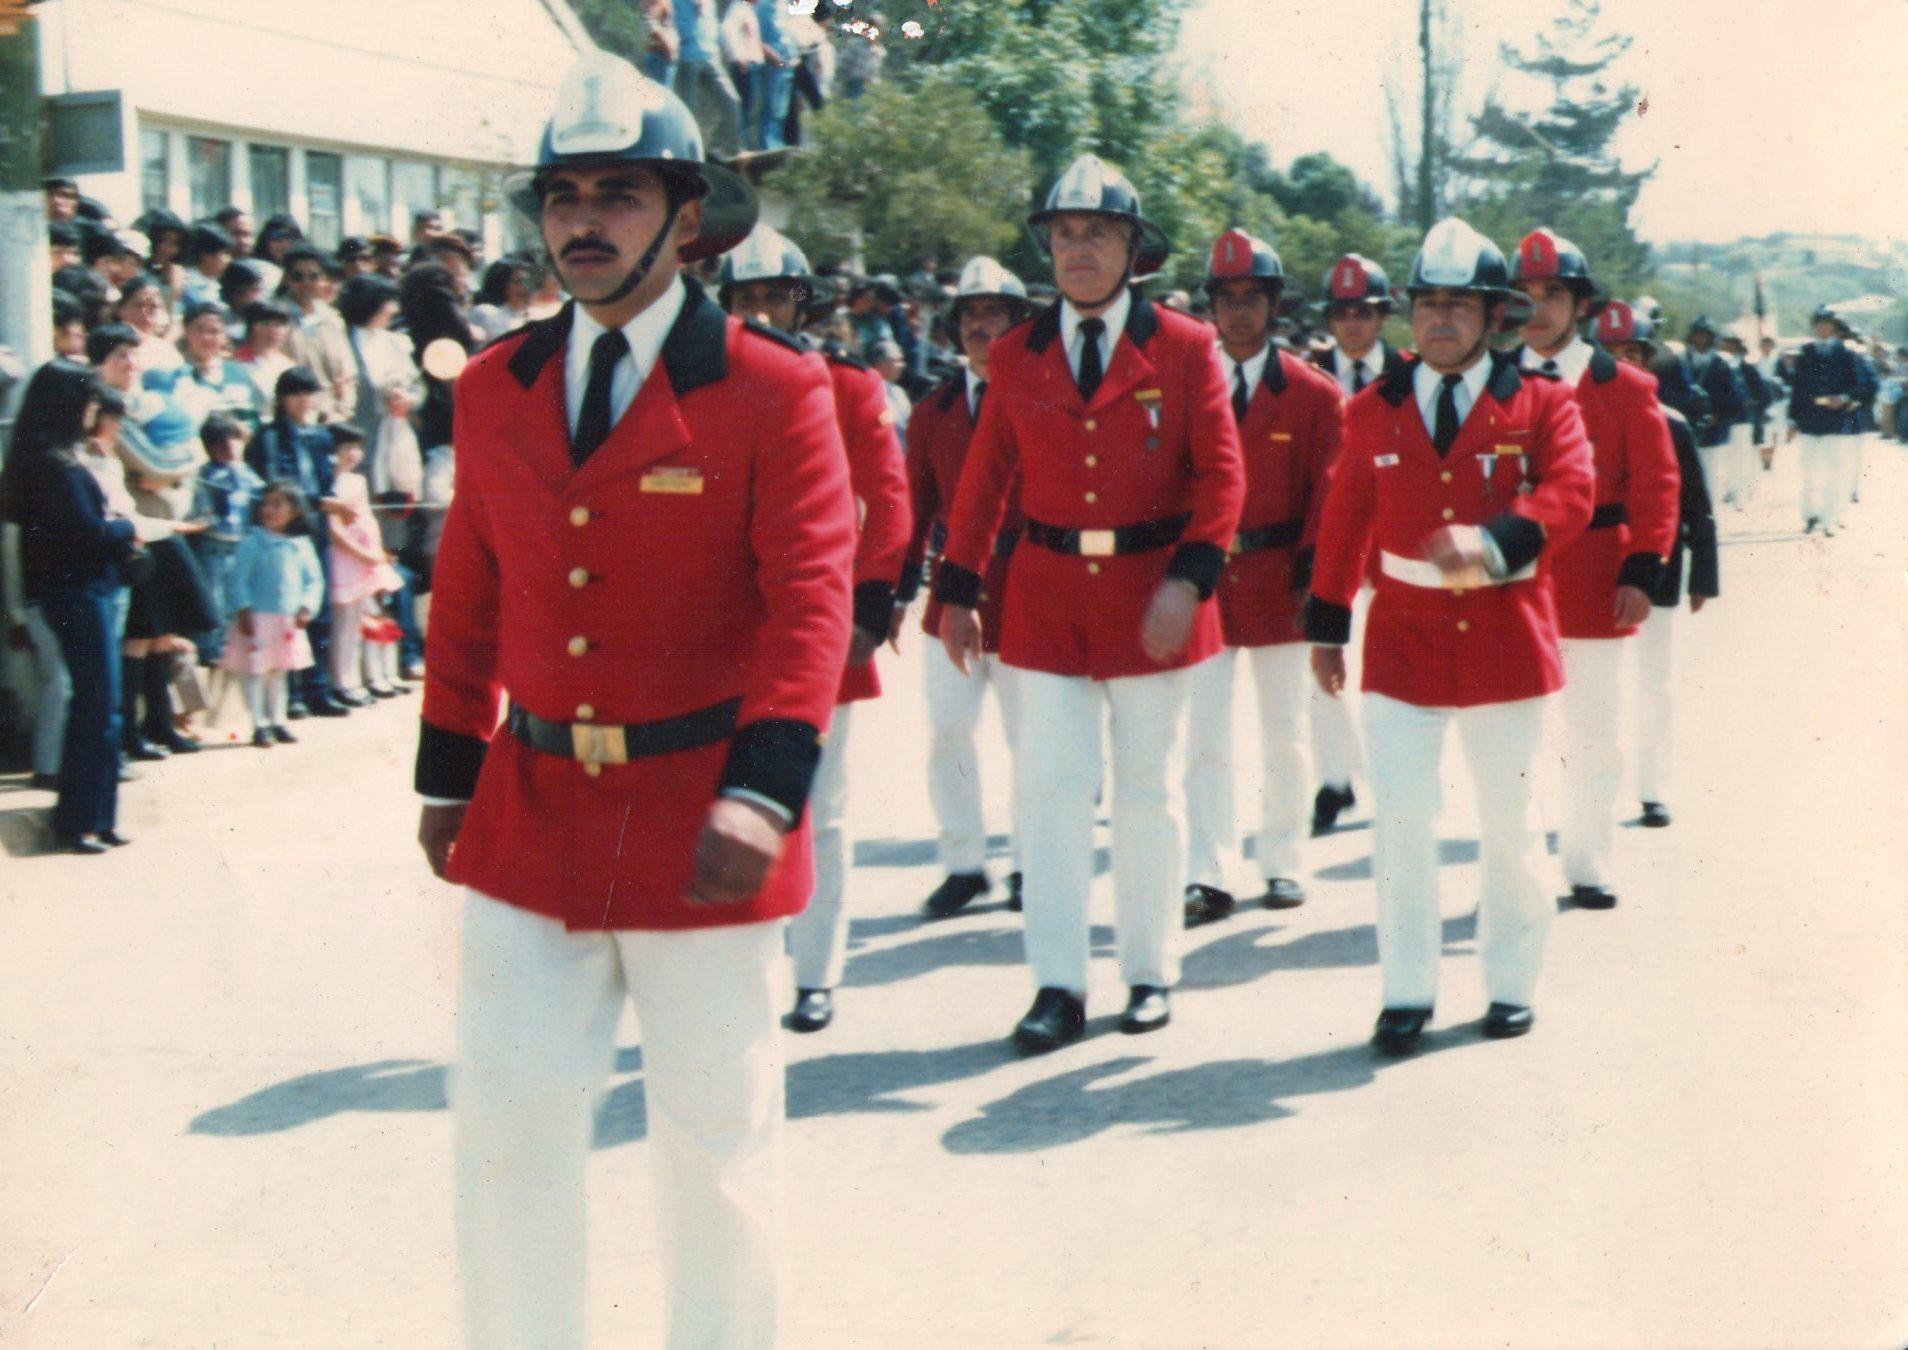 Enterreno - Fotos históricas de chile - fotos antiguas de Chile - Desfile de Bomberos en Quintero, 1980